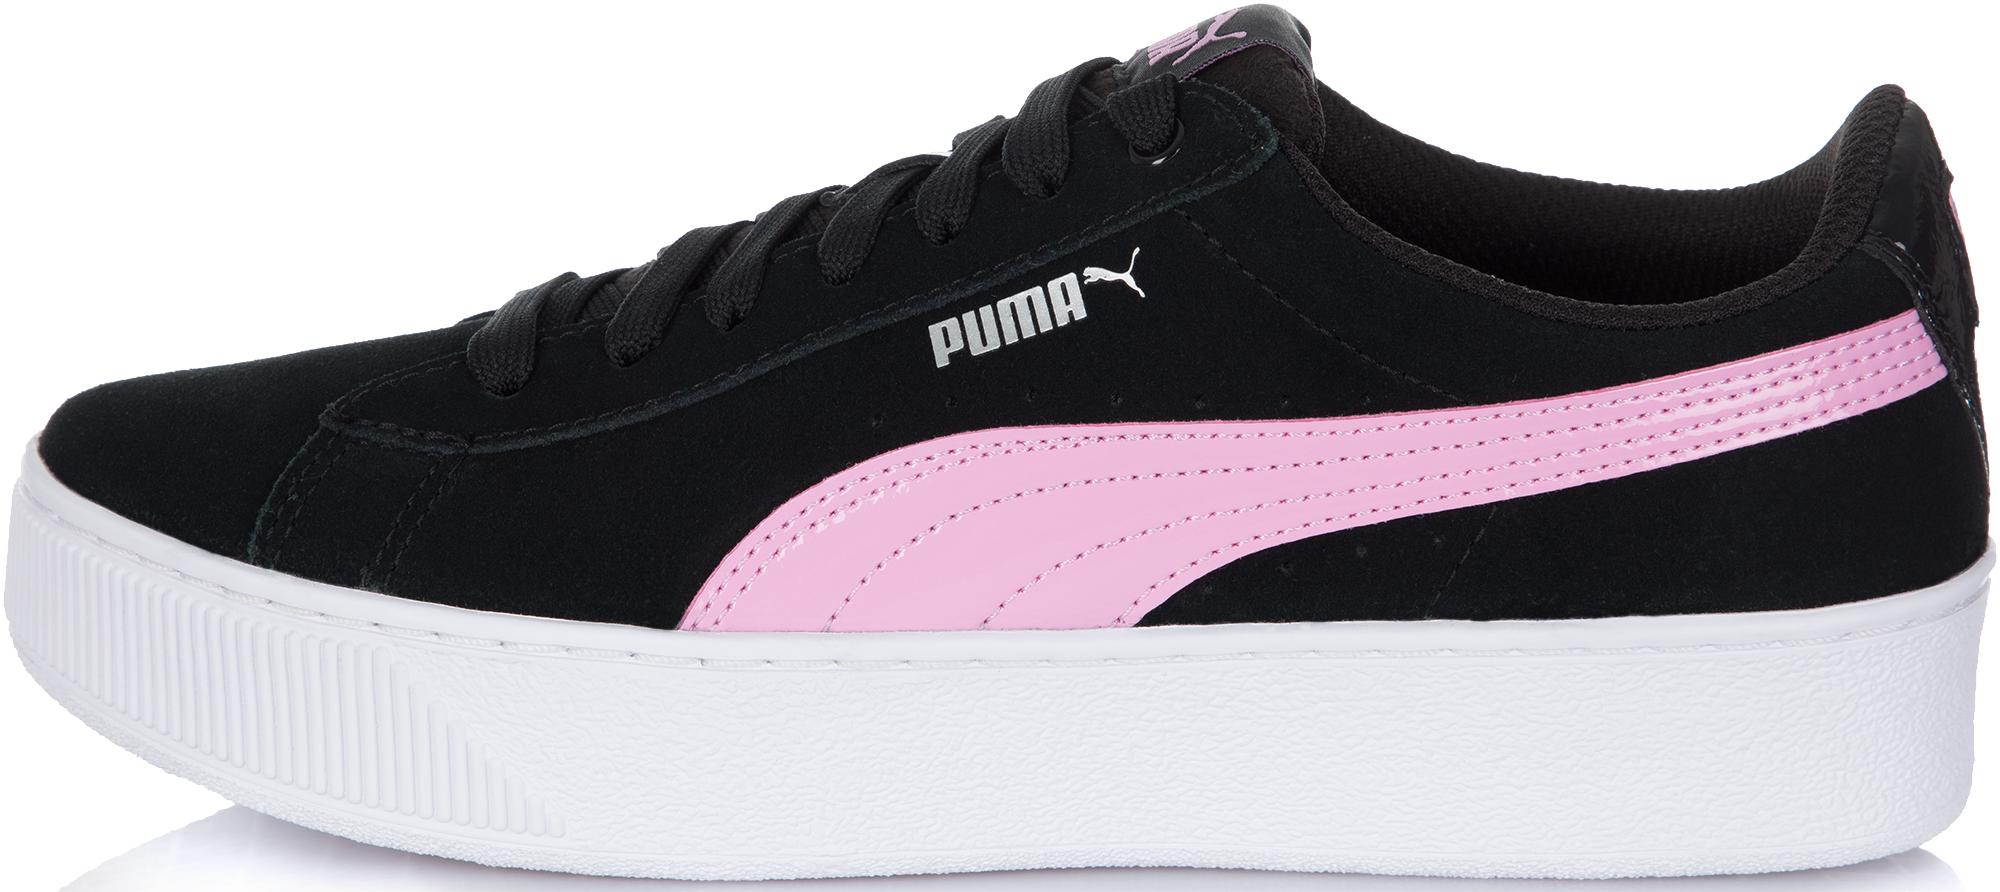 купить Puma Кеды для девочек Puma Vikky Platform, размер 38 по цене 4499 рублей